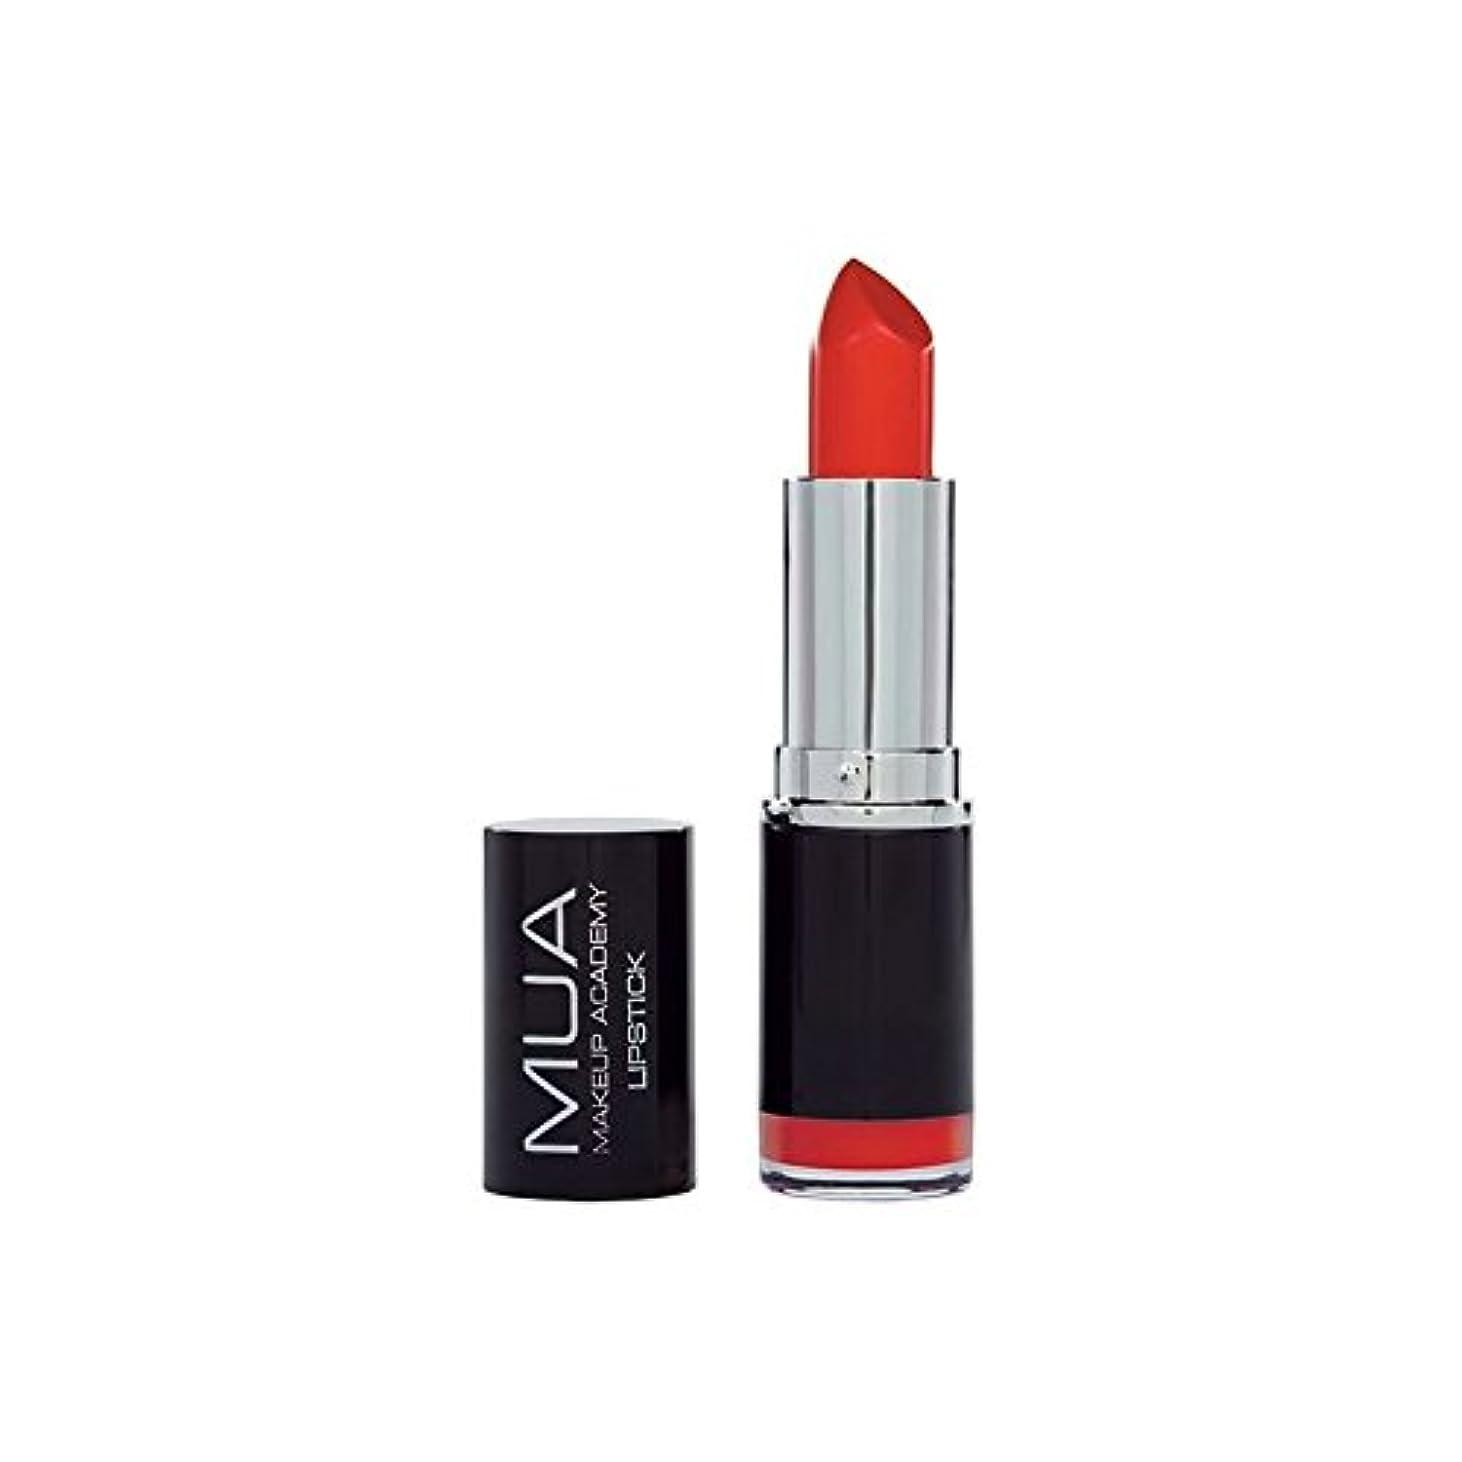 ホールドオール離れて体現するの口紅 - サンゴフラッシュ x4 - MUA Lipstick - Coral Flush (Pack of 4) [並行輸入品]